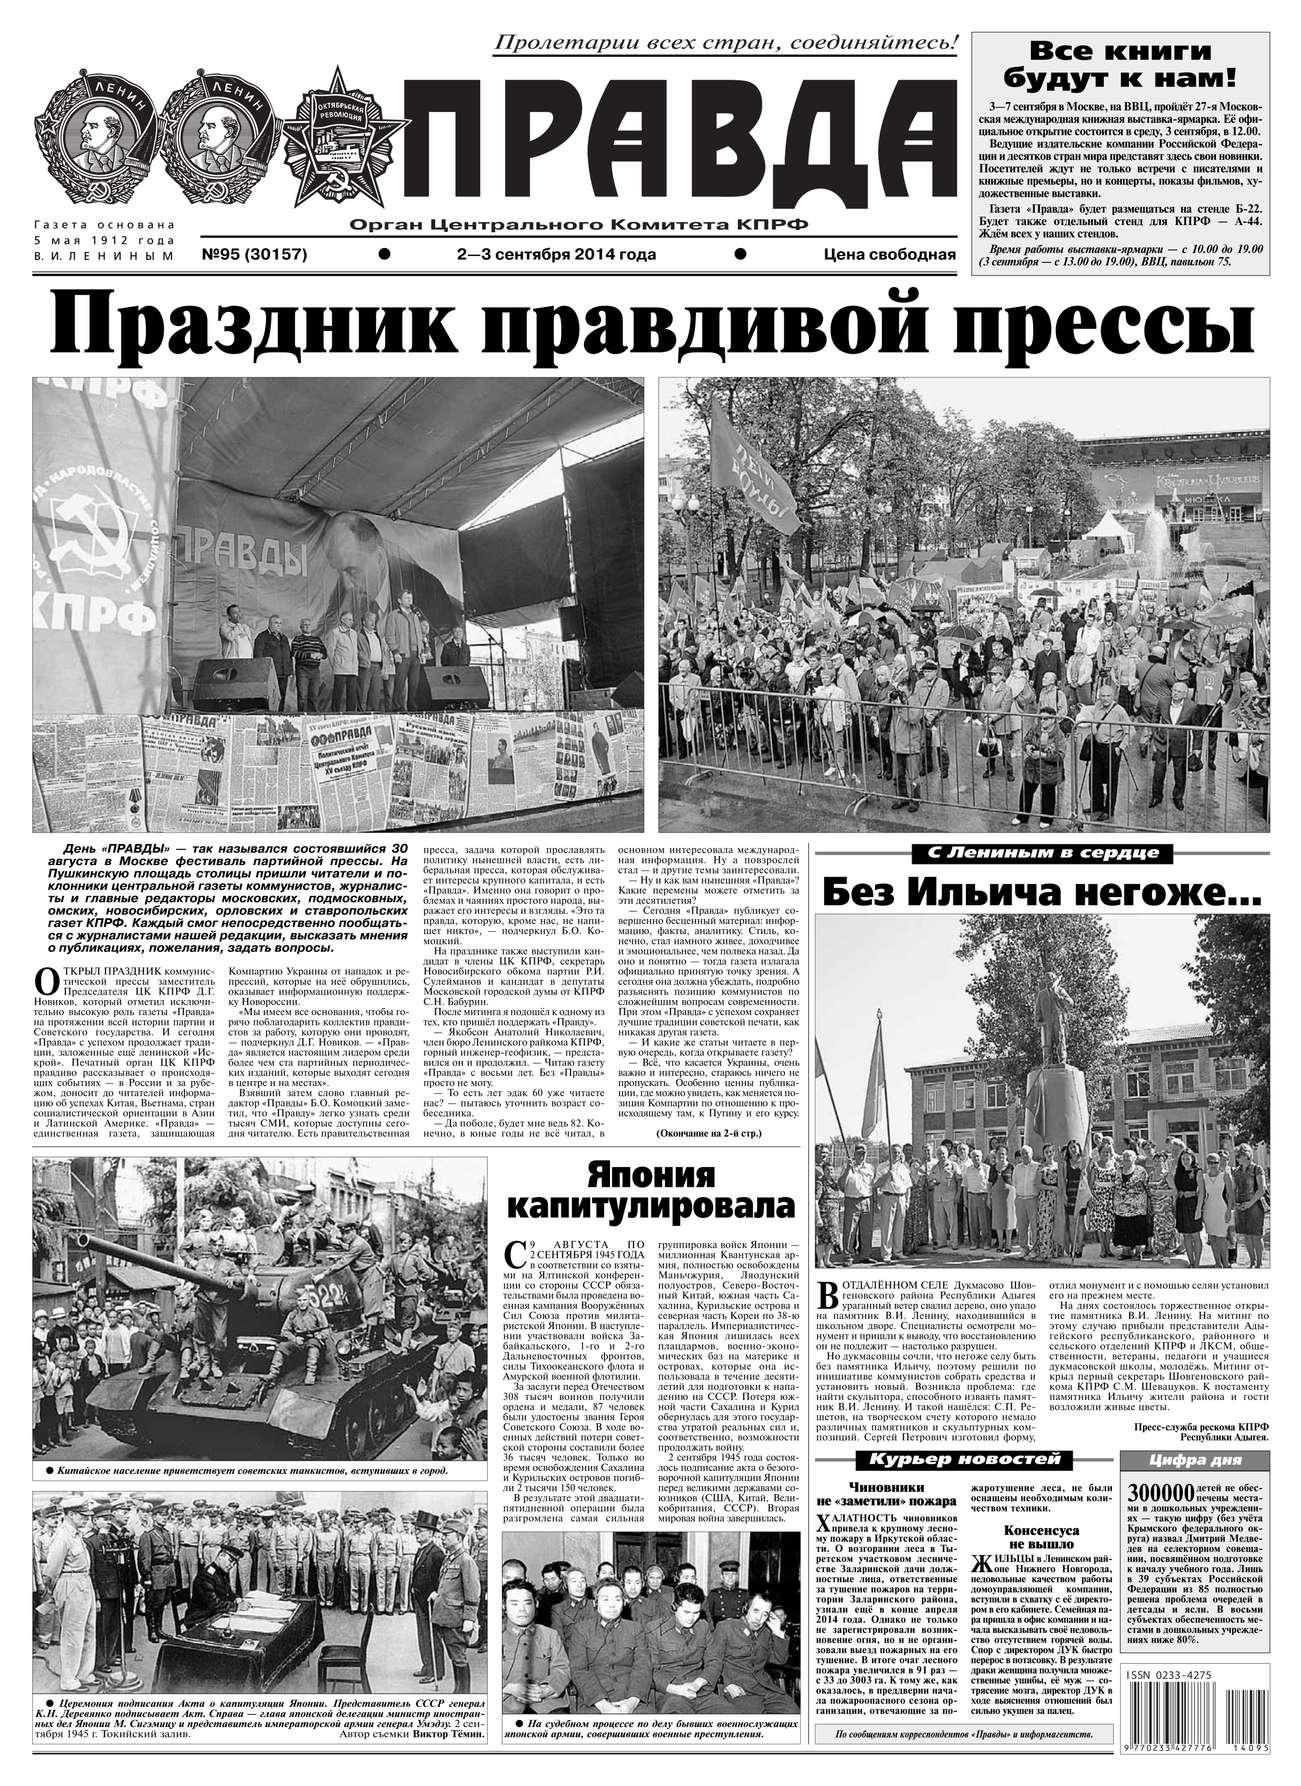 Редакция газеты Правда Правда 95 редакция газеты новая газета новая газета 95 2017